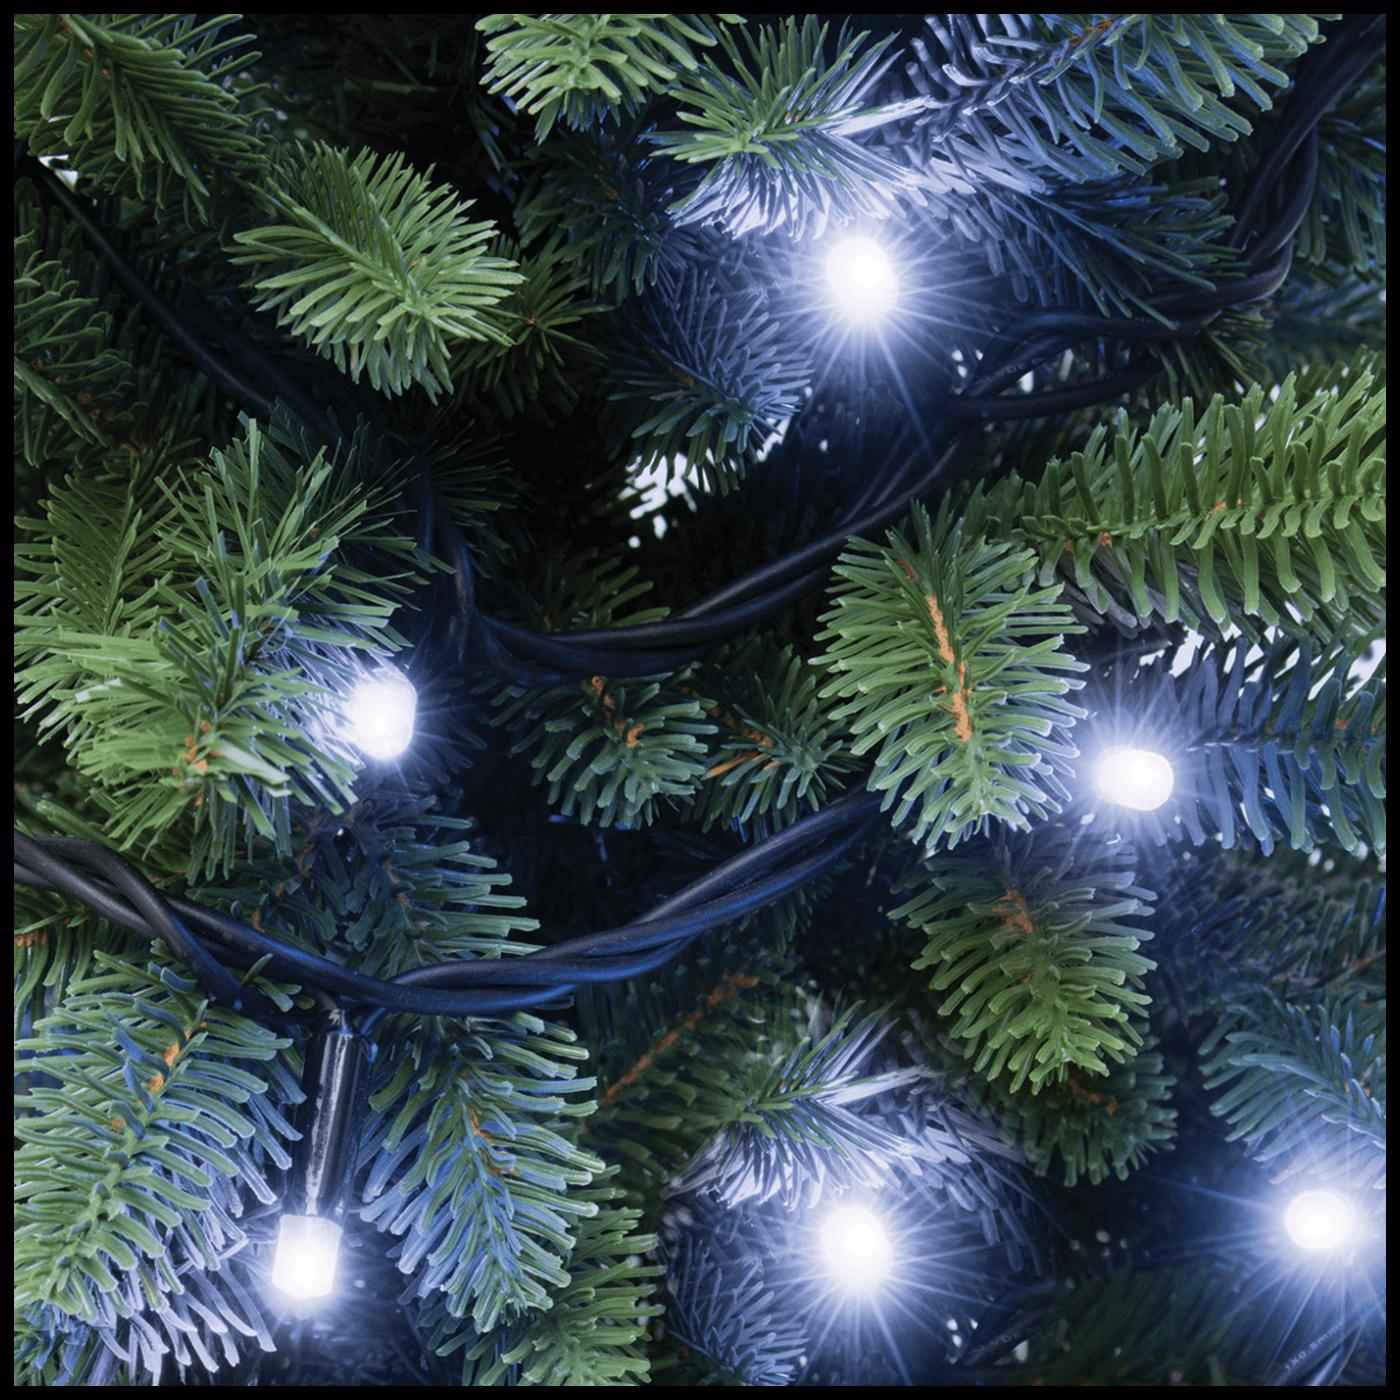 Dekorativna LED rasvjeta